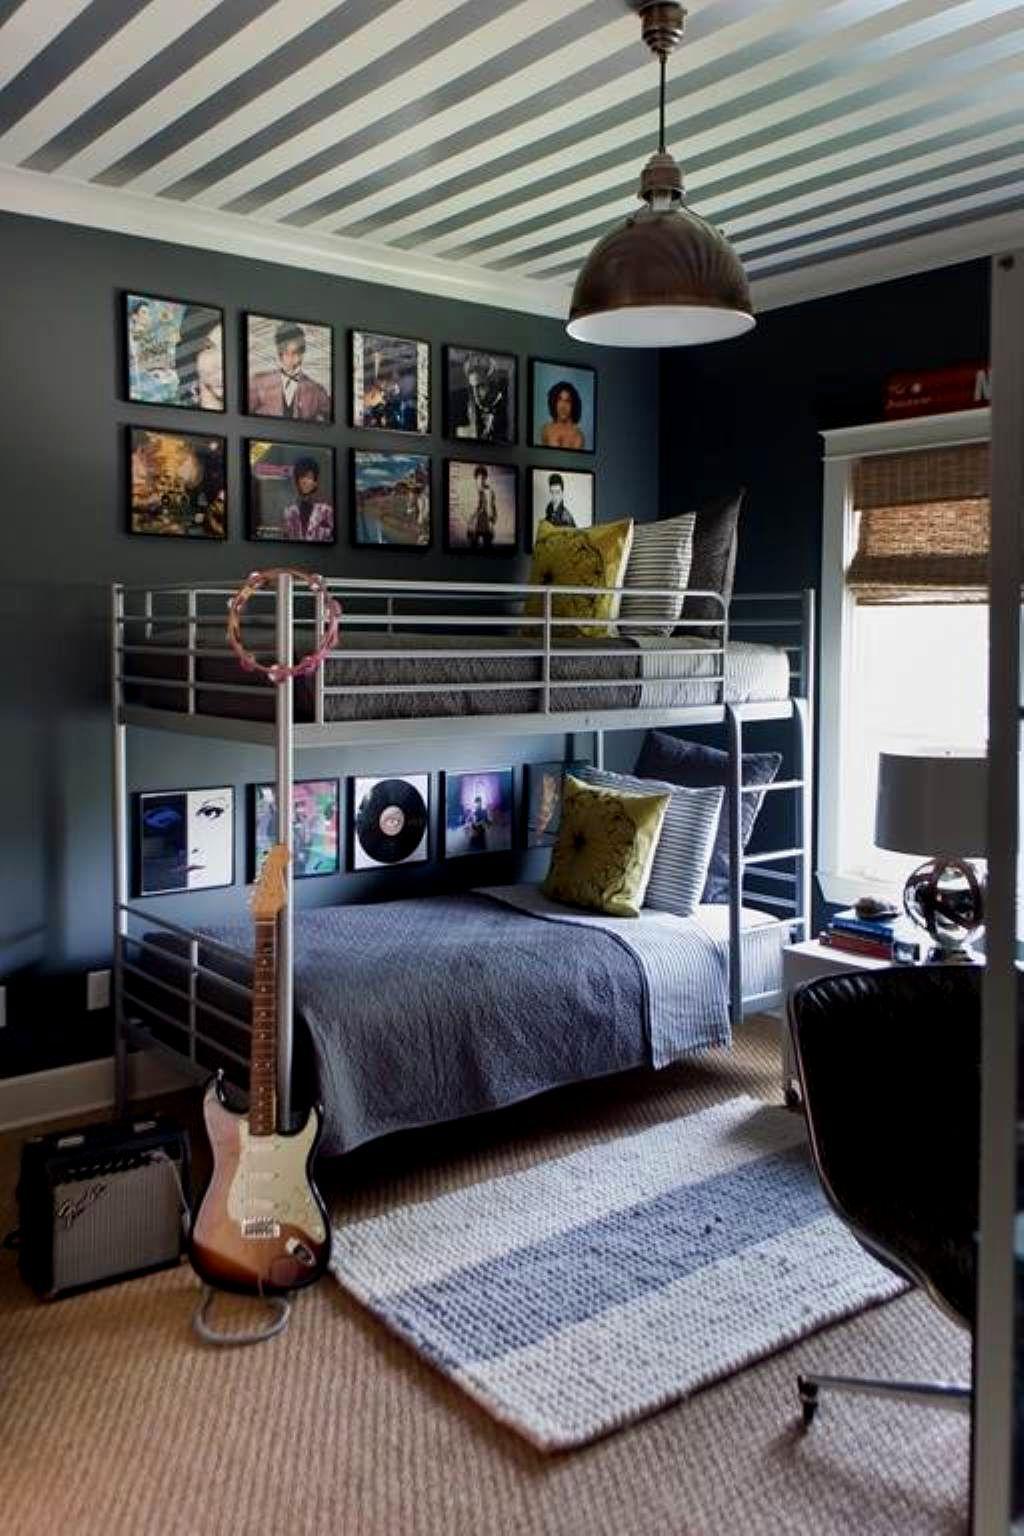 20 Gorgeous Kids Room Ceiling Light Ideas Kidsroom Ceilinglight Small Room Bedroom Cool Dorm Rooms Boys Bedroom Decor